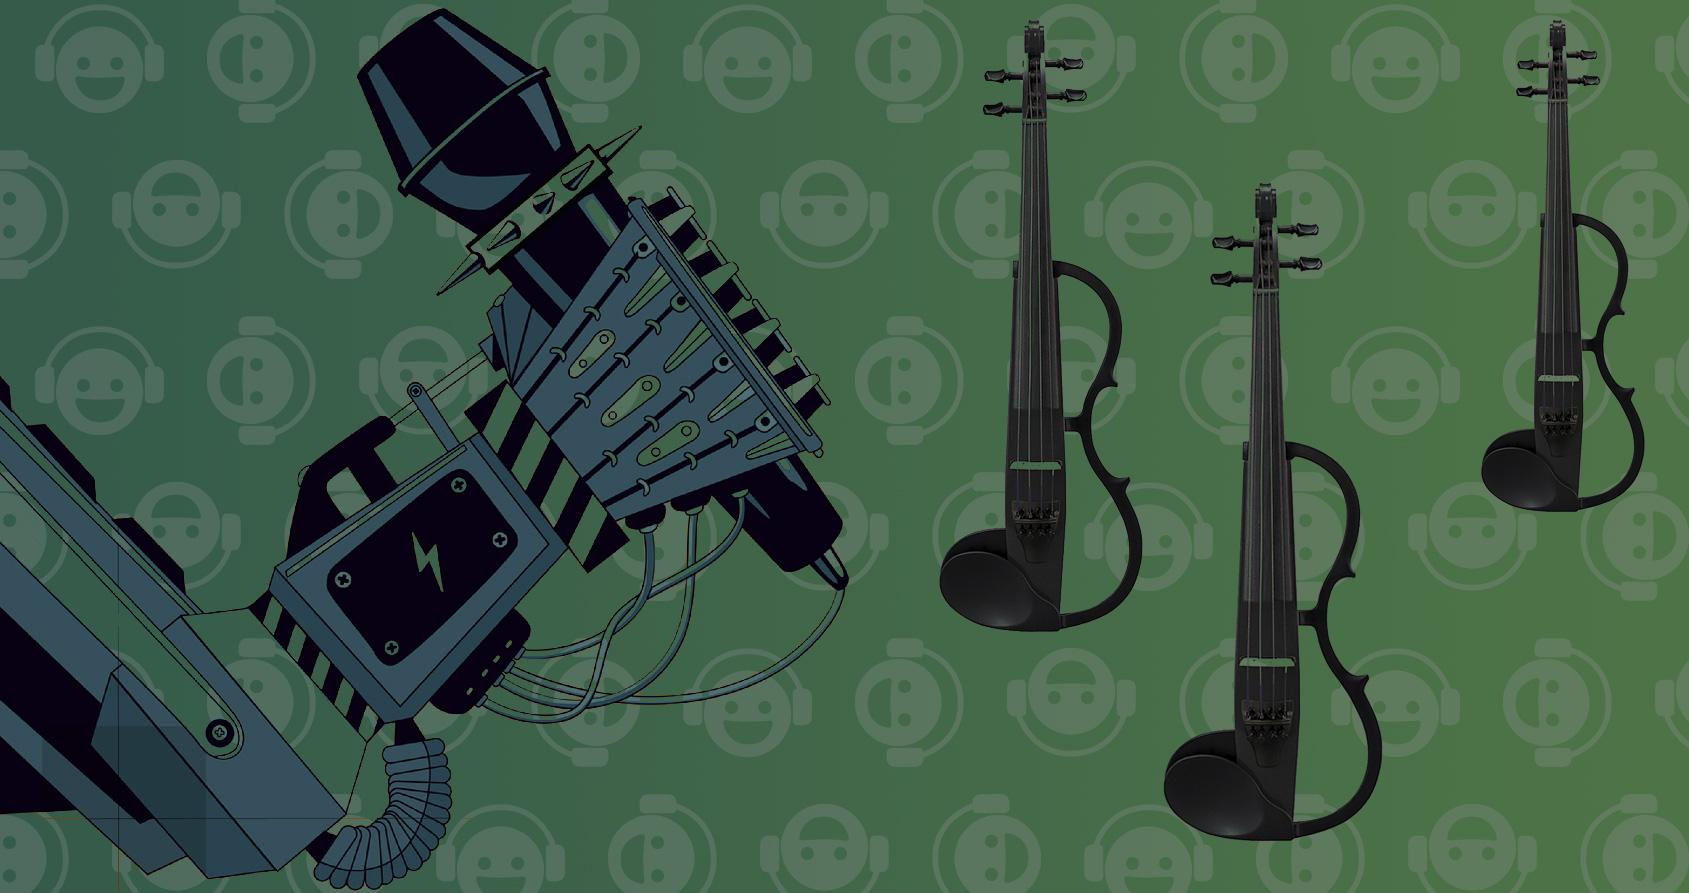 Le prochain Mozart sera-t-il une intelligence artificielle ?